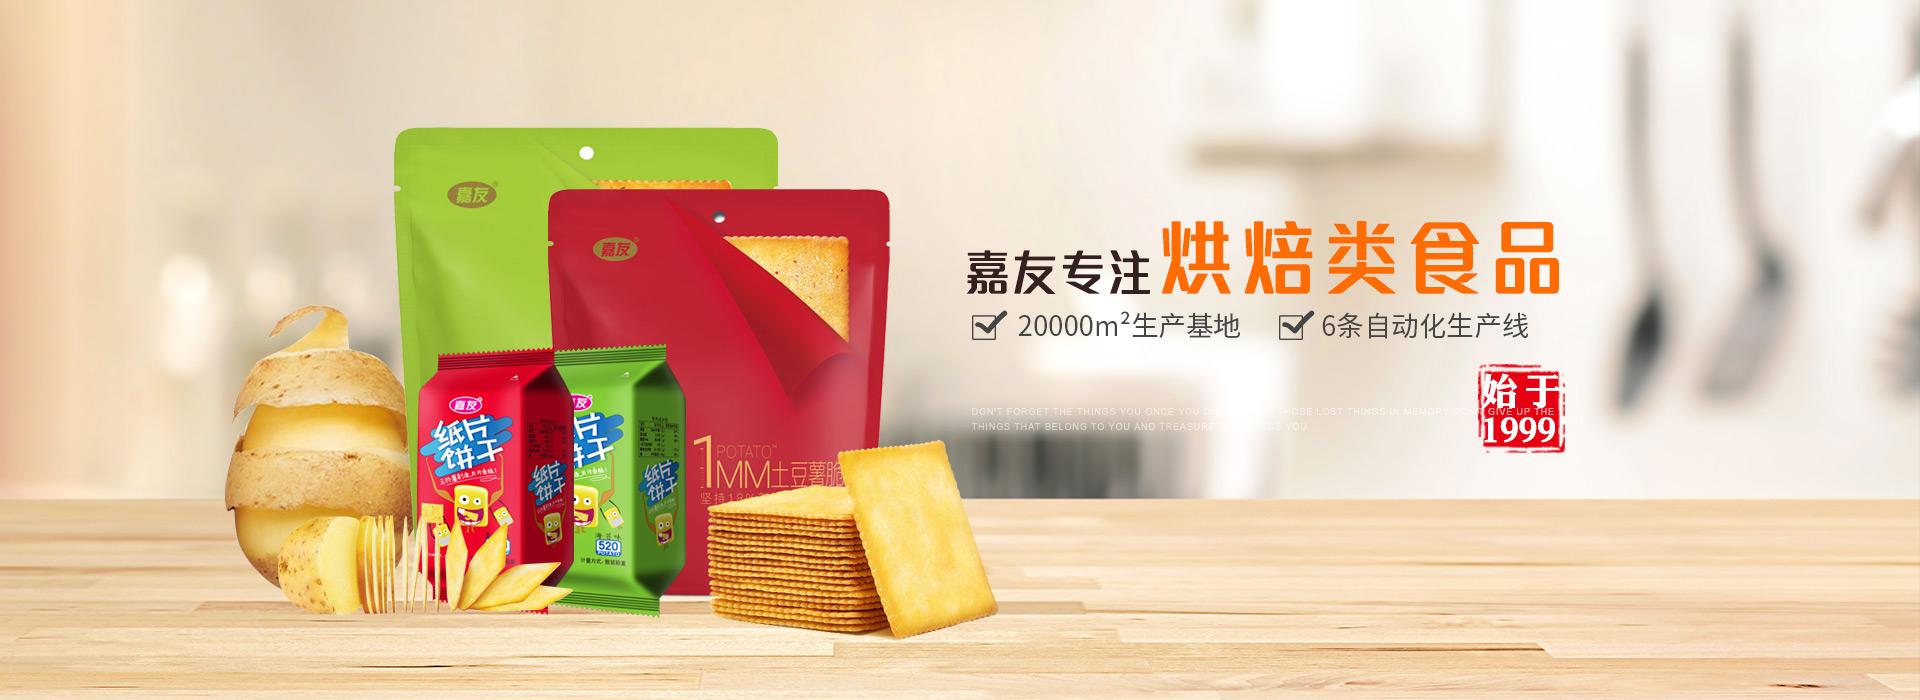 嘉友食品-始于1999,专注烘焙类食品的生产和销售